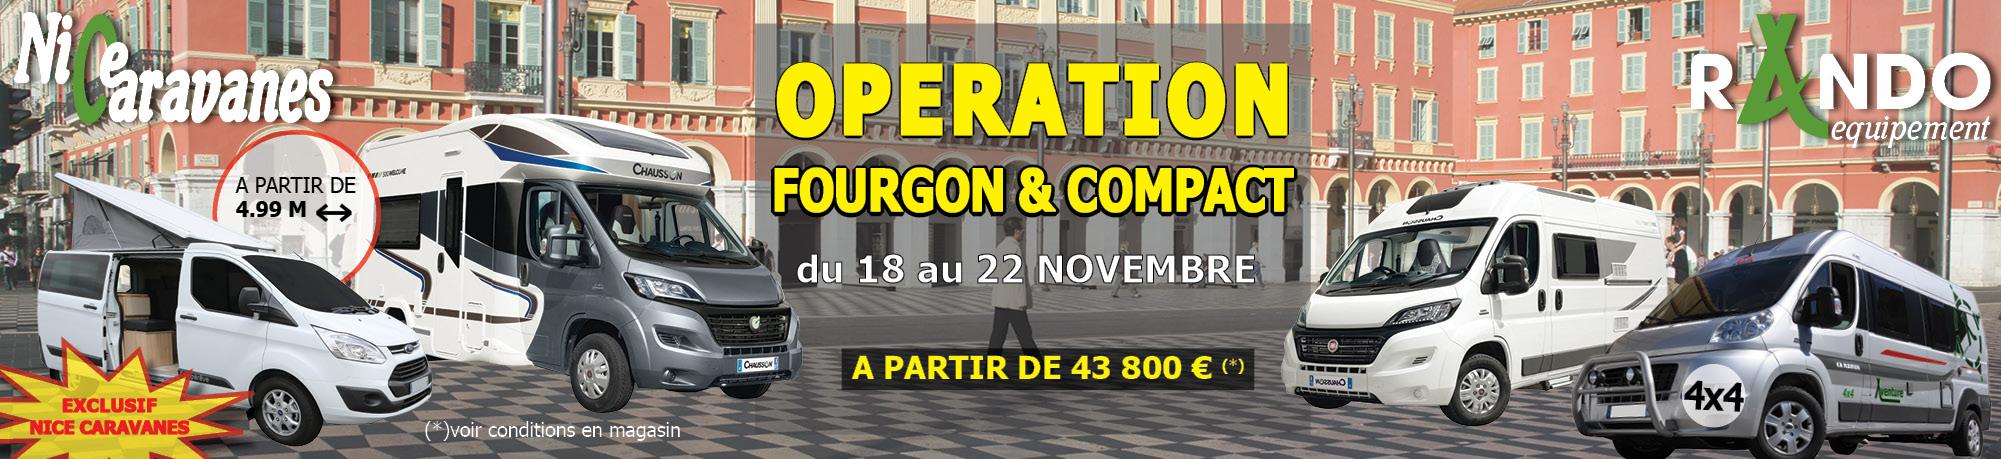 Opération fourgon & compact